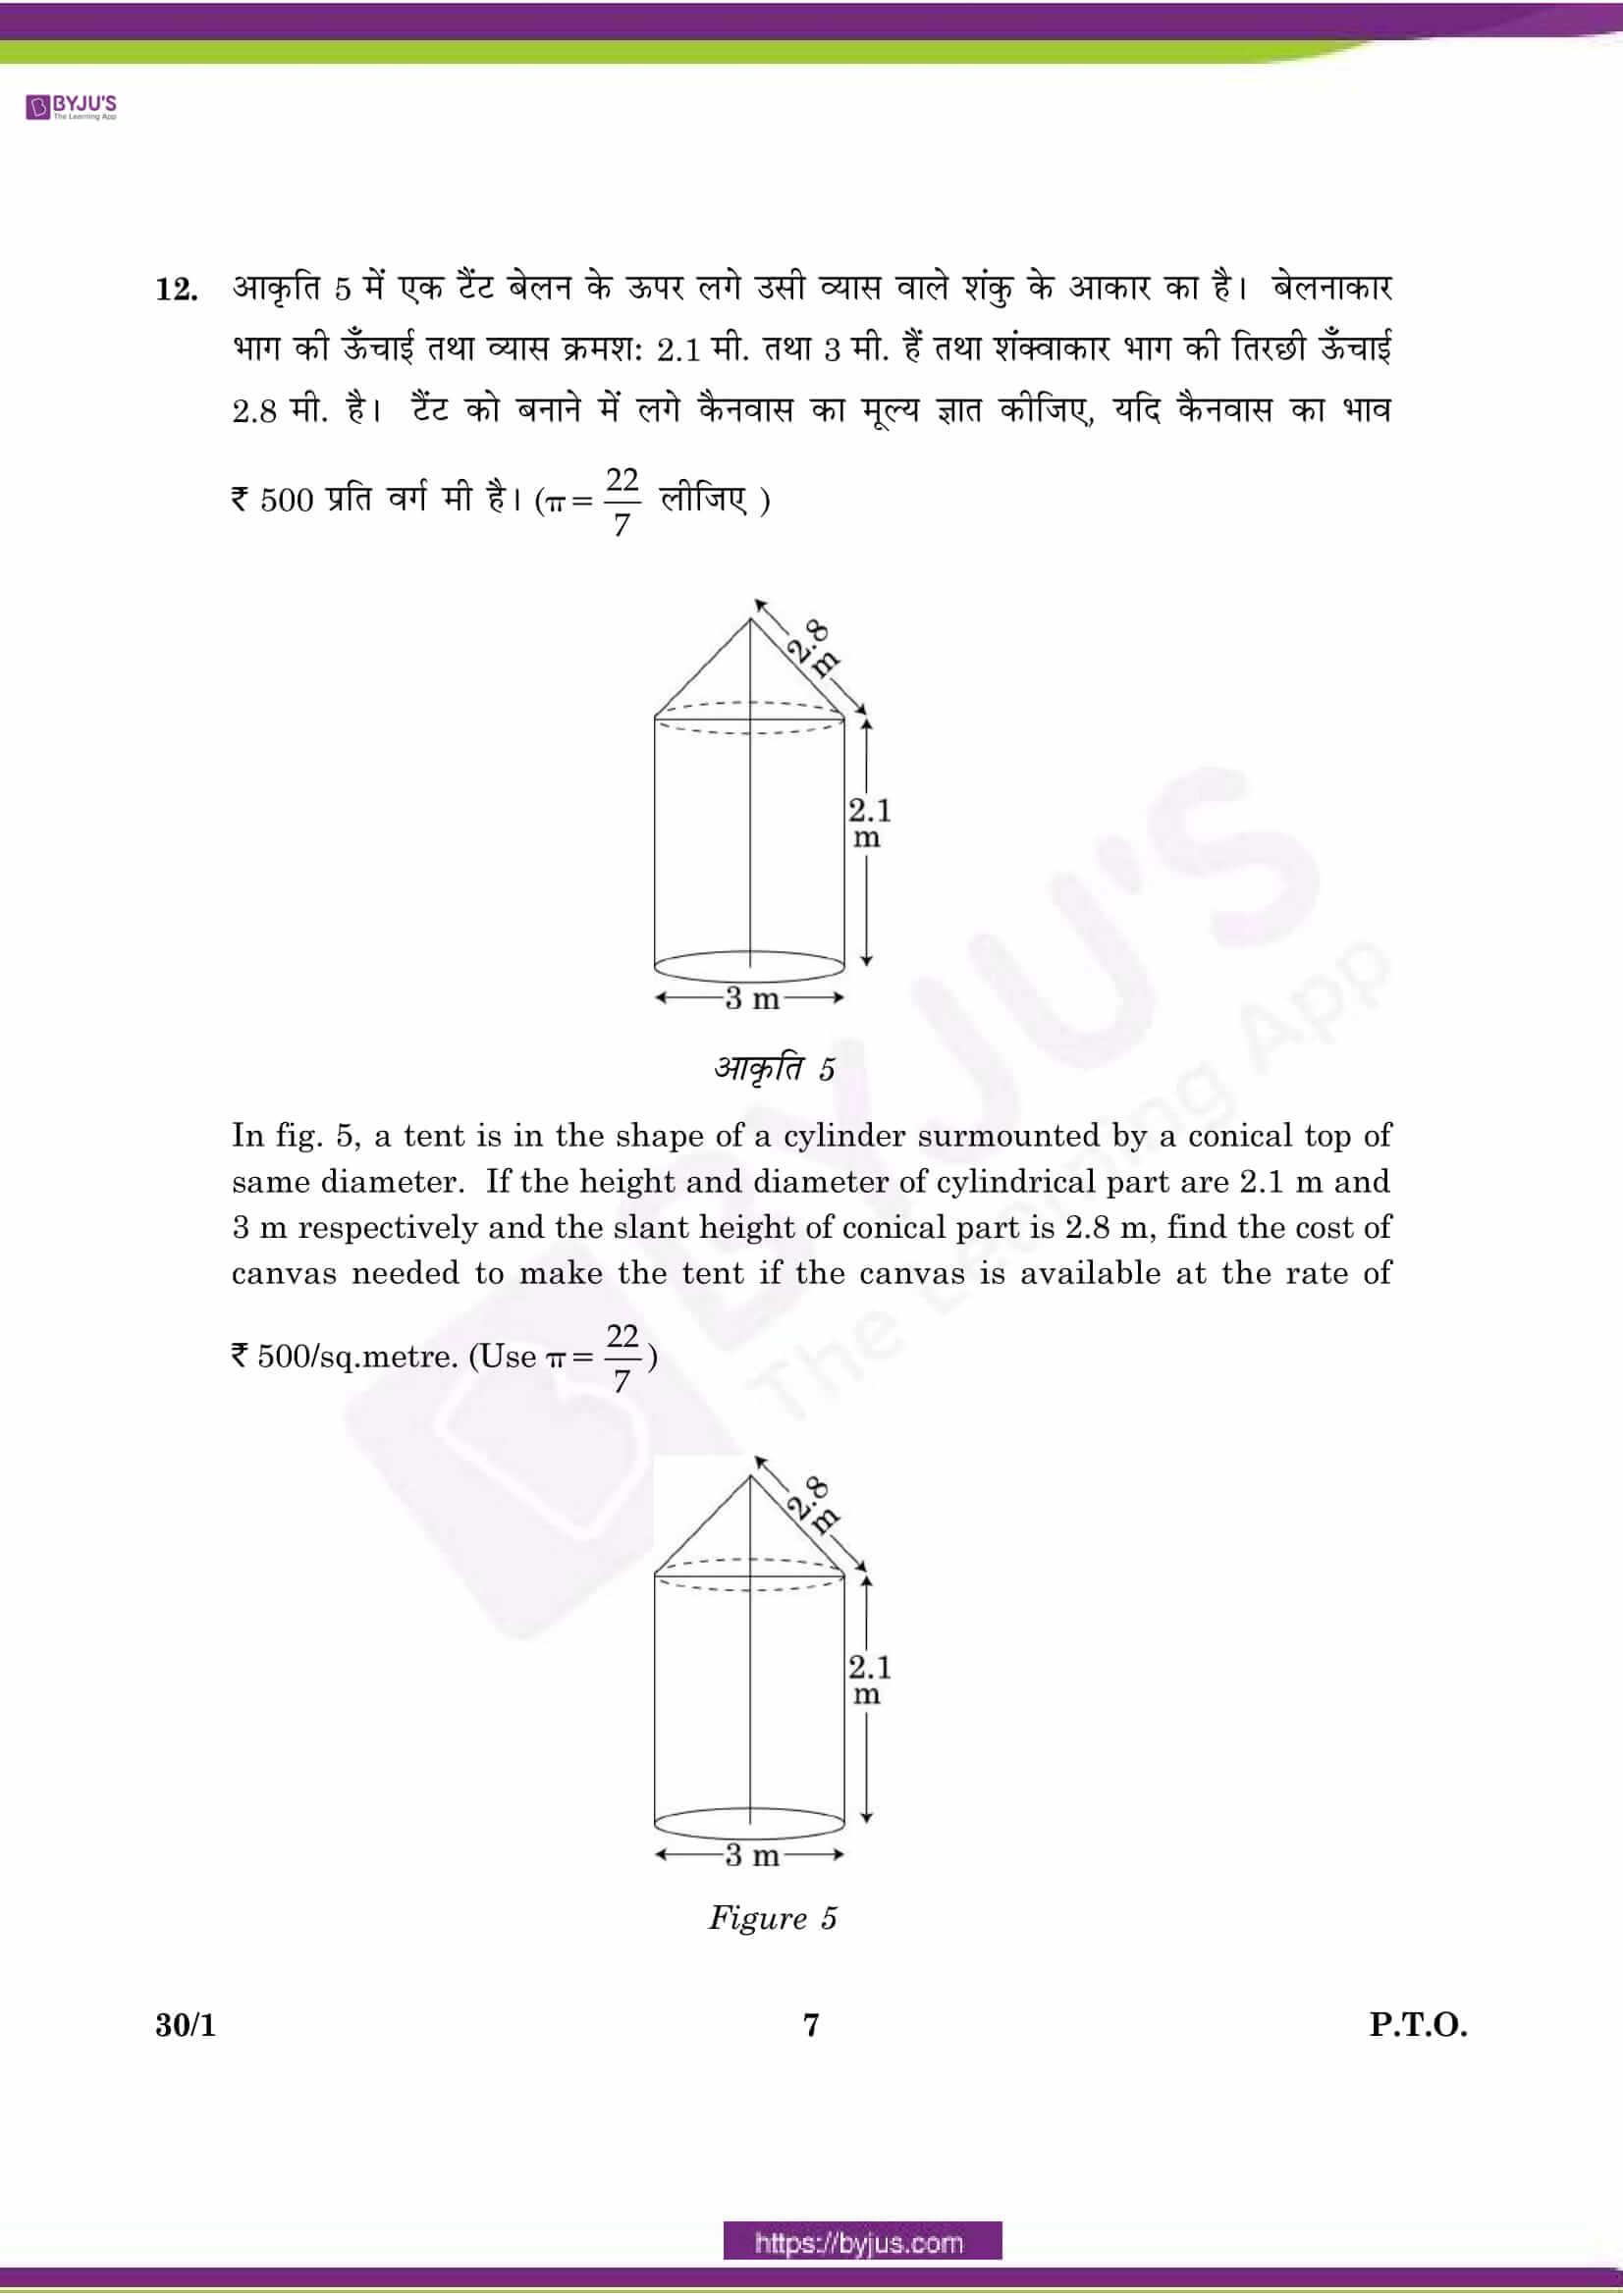 CBSE Class 10 Maths Qs Paper 2016 SA 2 Set 1 07